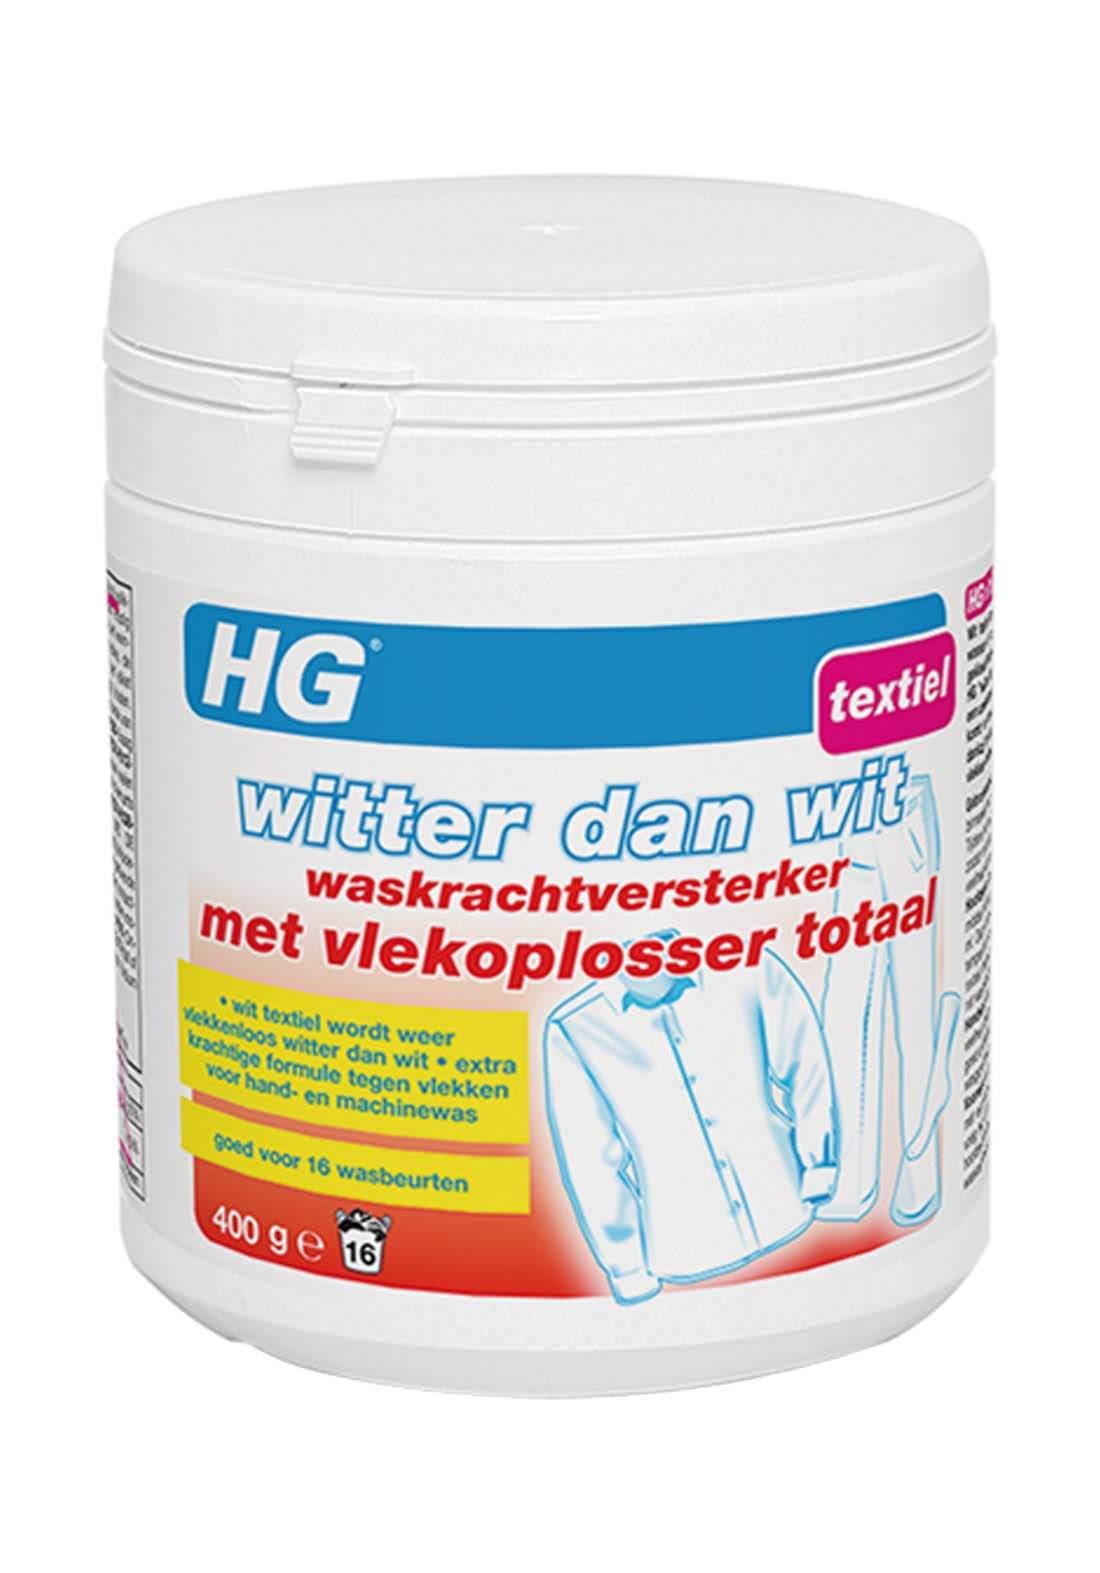 HG  Detergent Enhancer With Stain Remover Whiter Than White  مزيل البقع